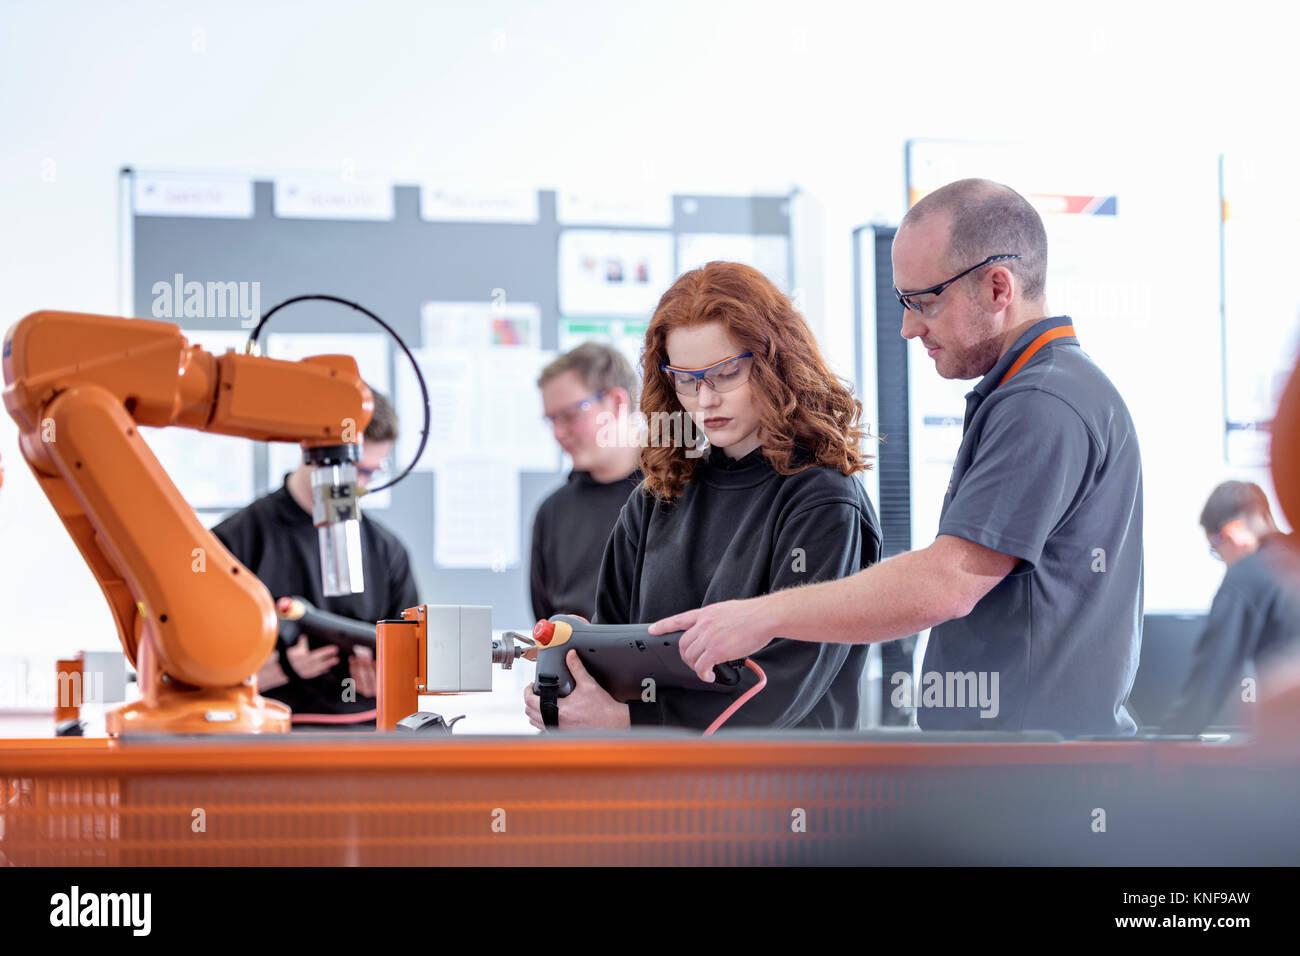 Avec l'aide d'apprentis Tutor robotique robots industriels test installation en robotique Photo Stock